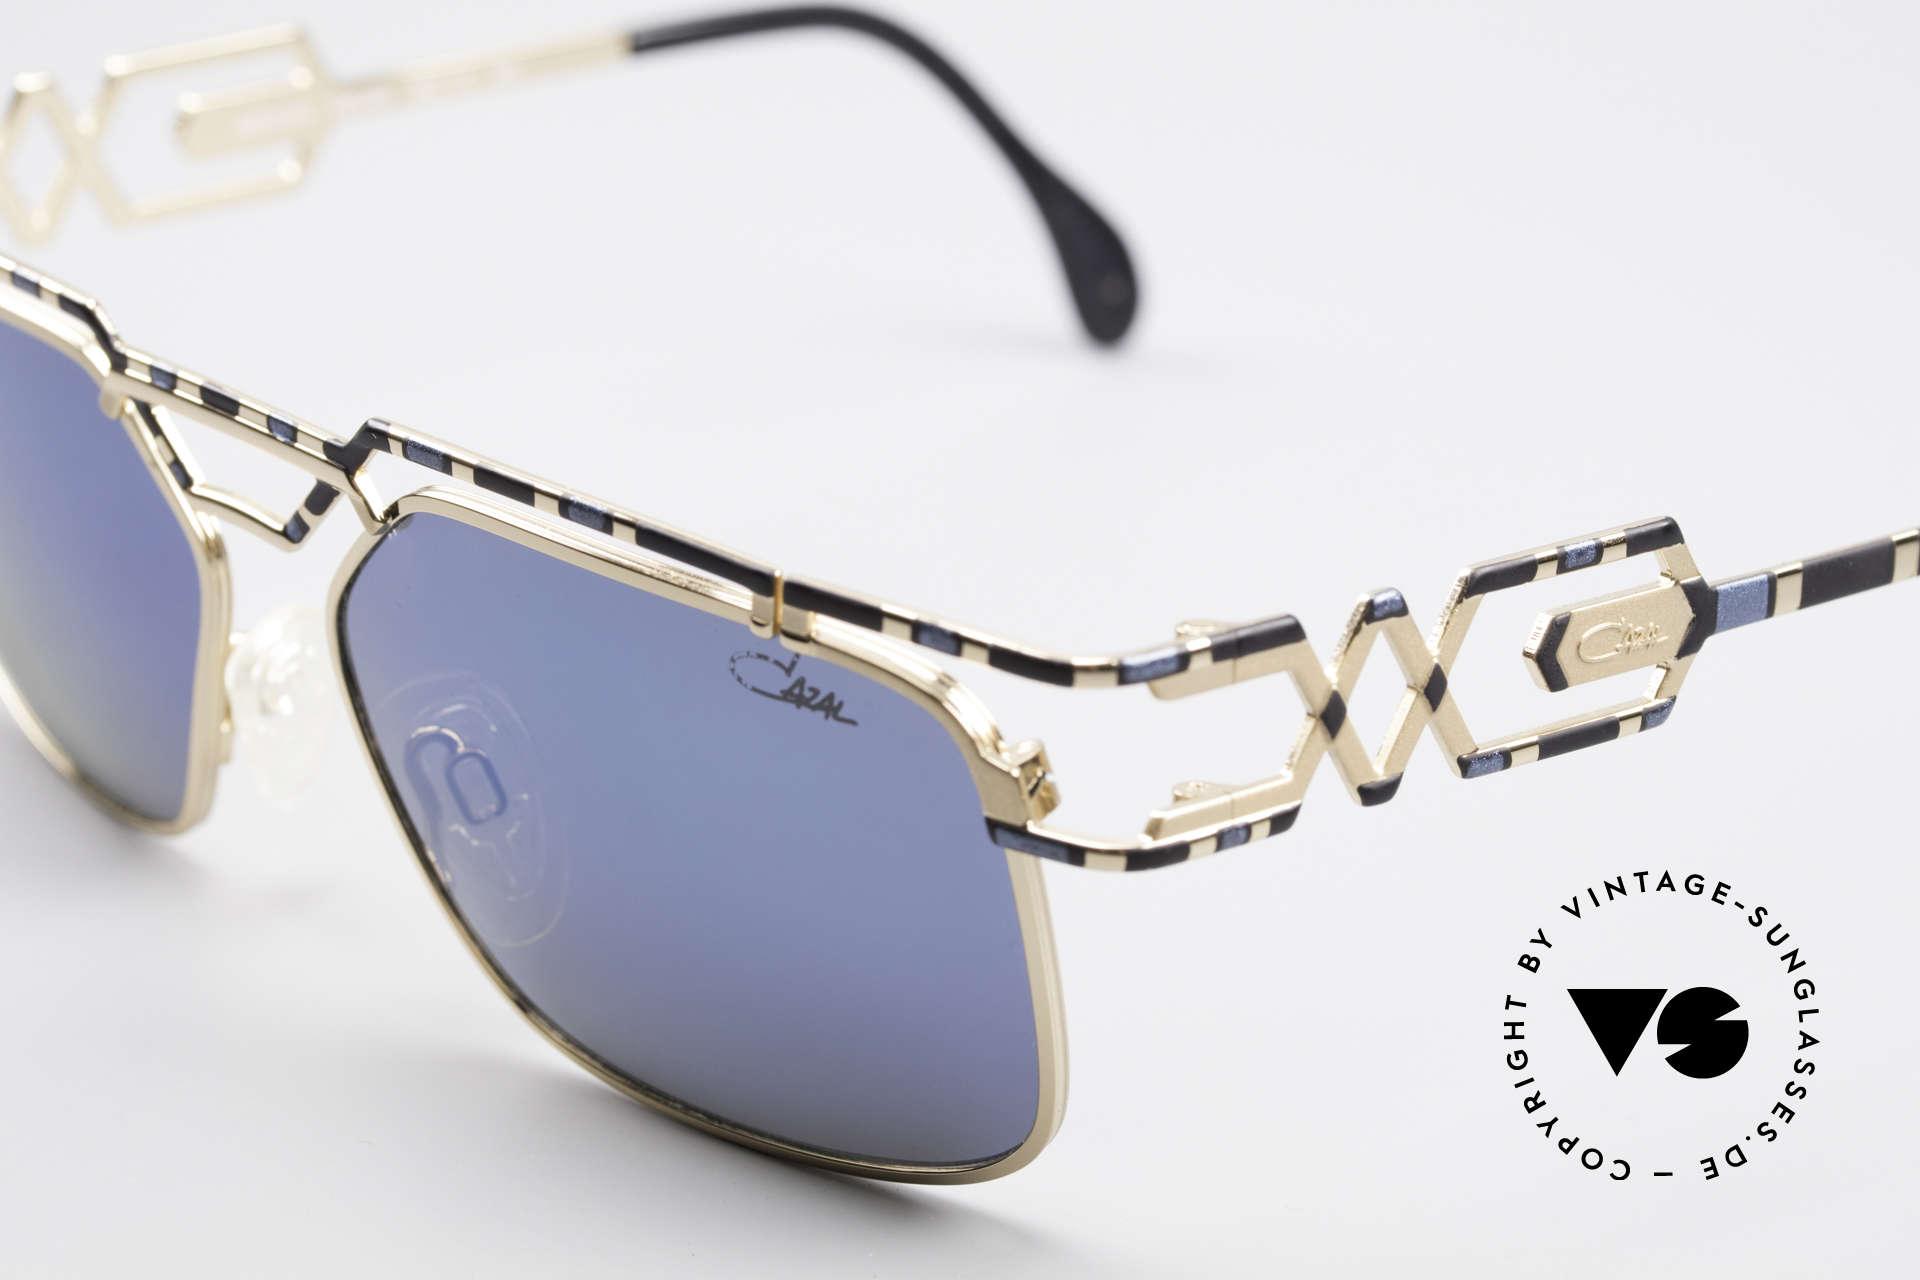 Cazal 973 Blau Verspiegelte Sonnenbrille, verspiegelte Gläser mit UV PROTECTION Markierung, Passend für Herren und Damen